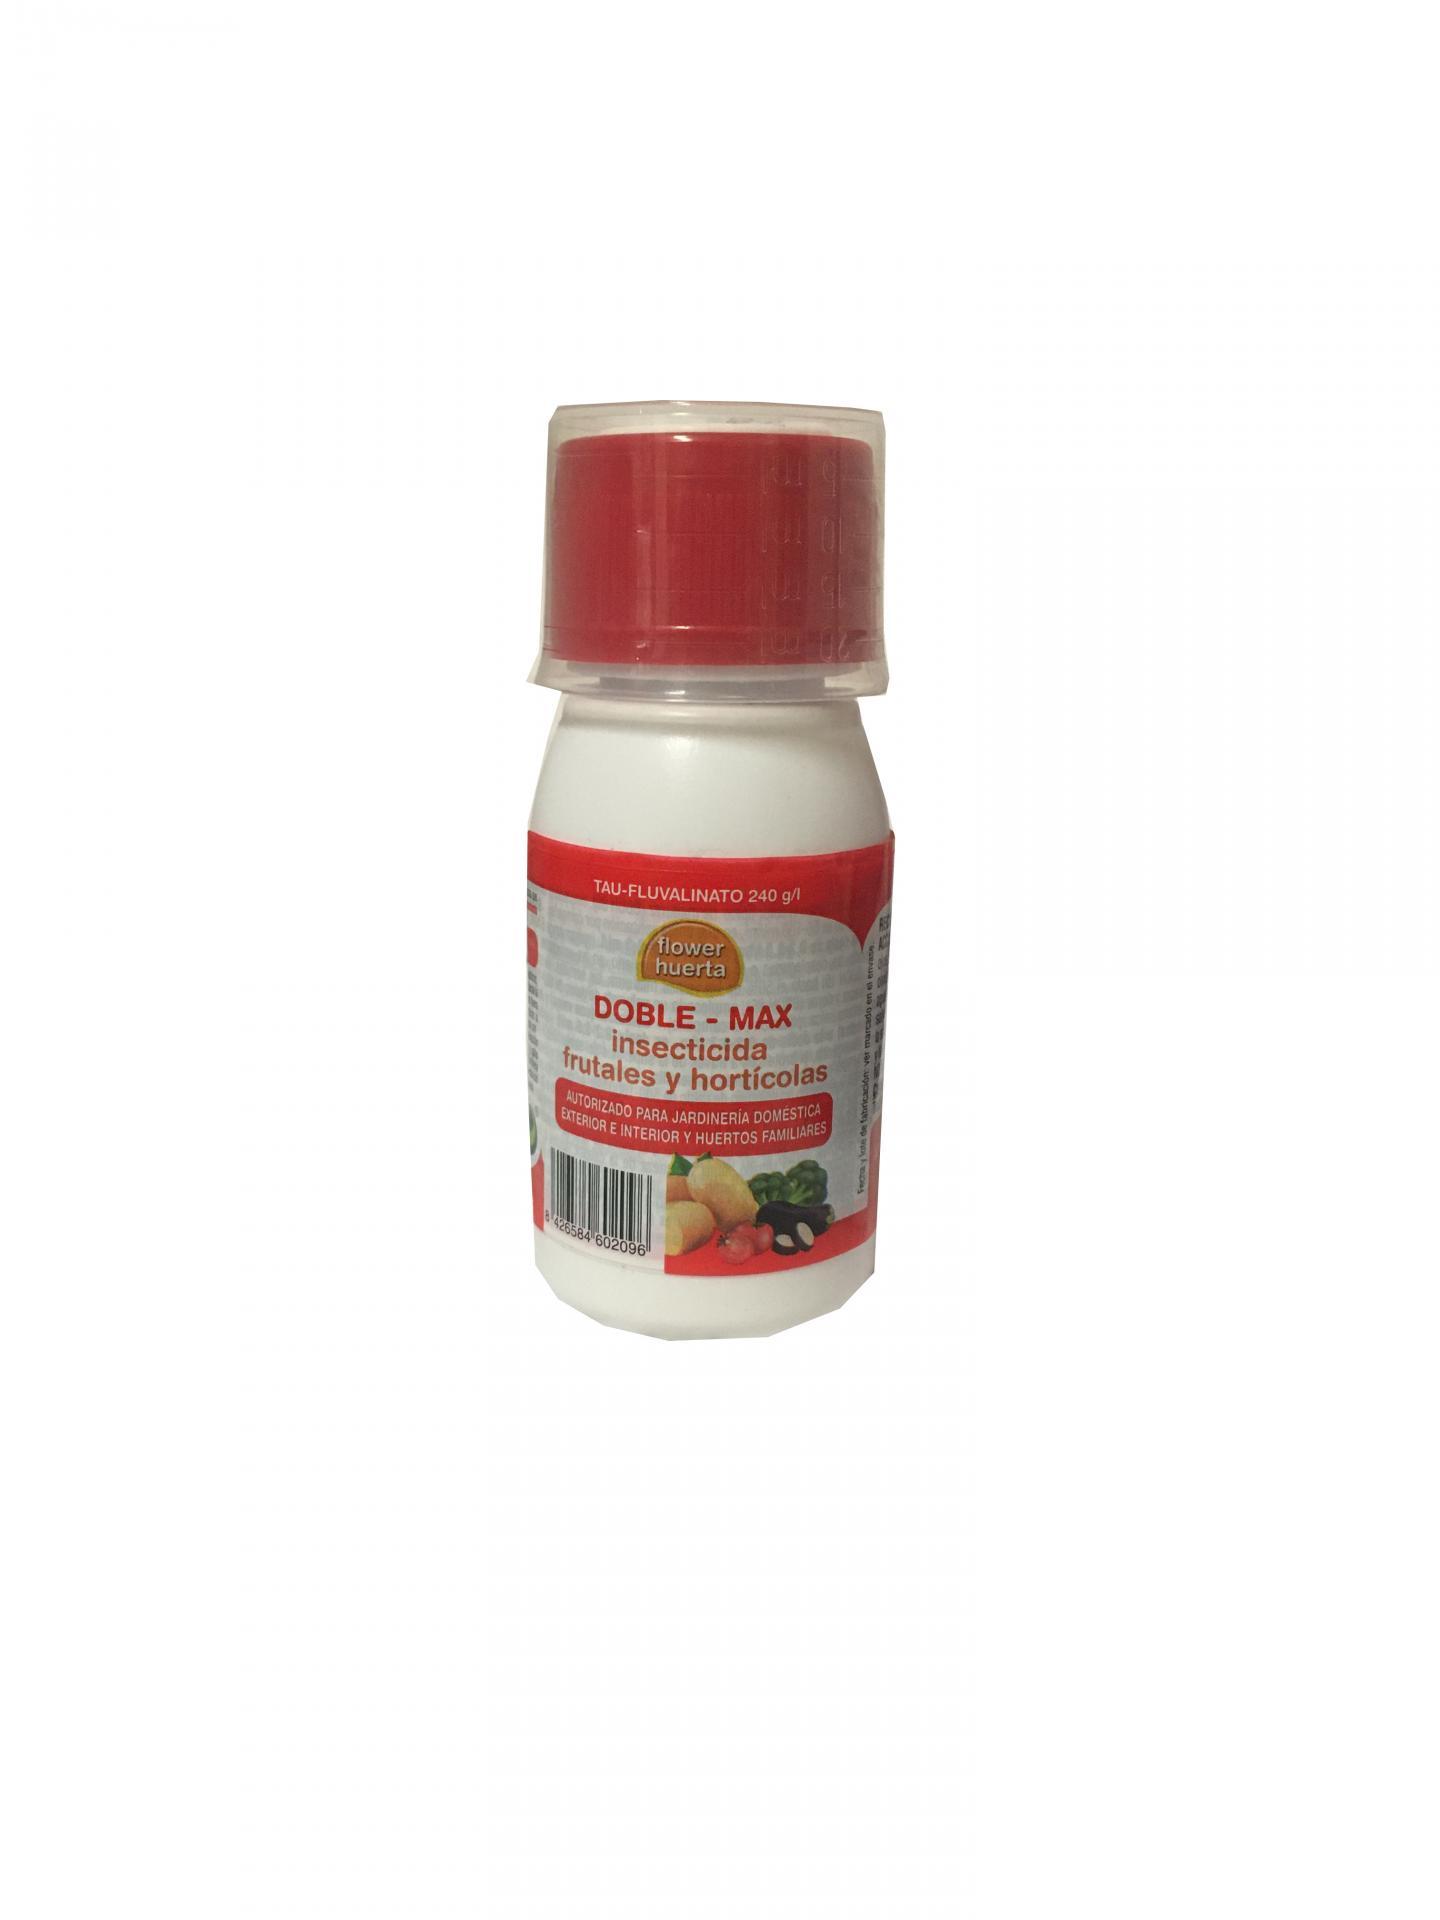 Doble Max insecticida frutales y horticolas 50cc